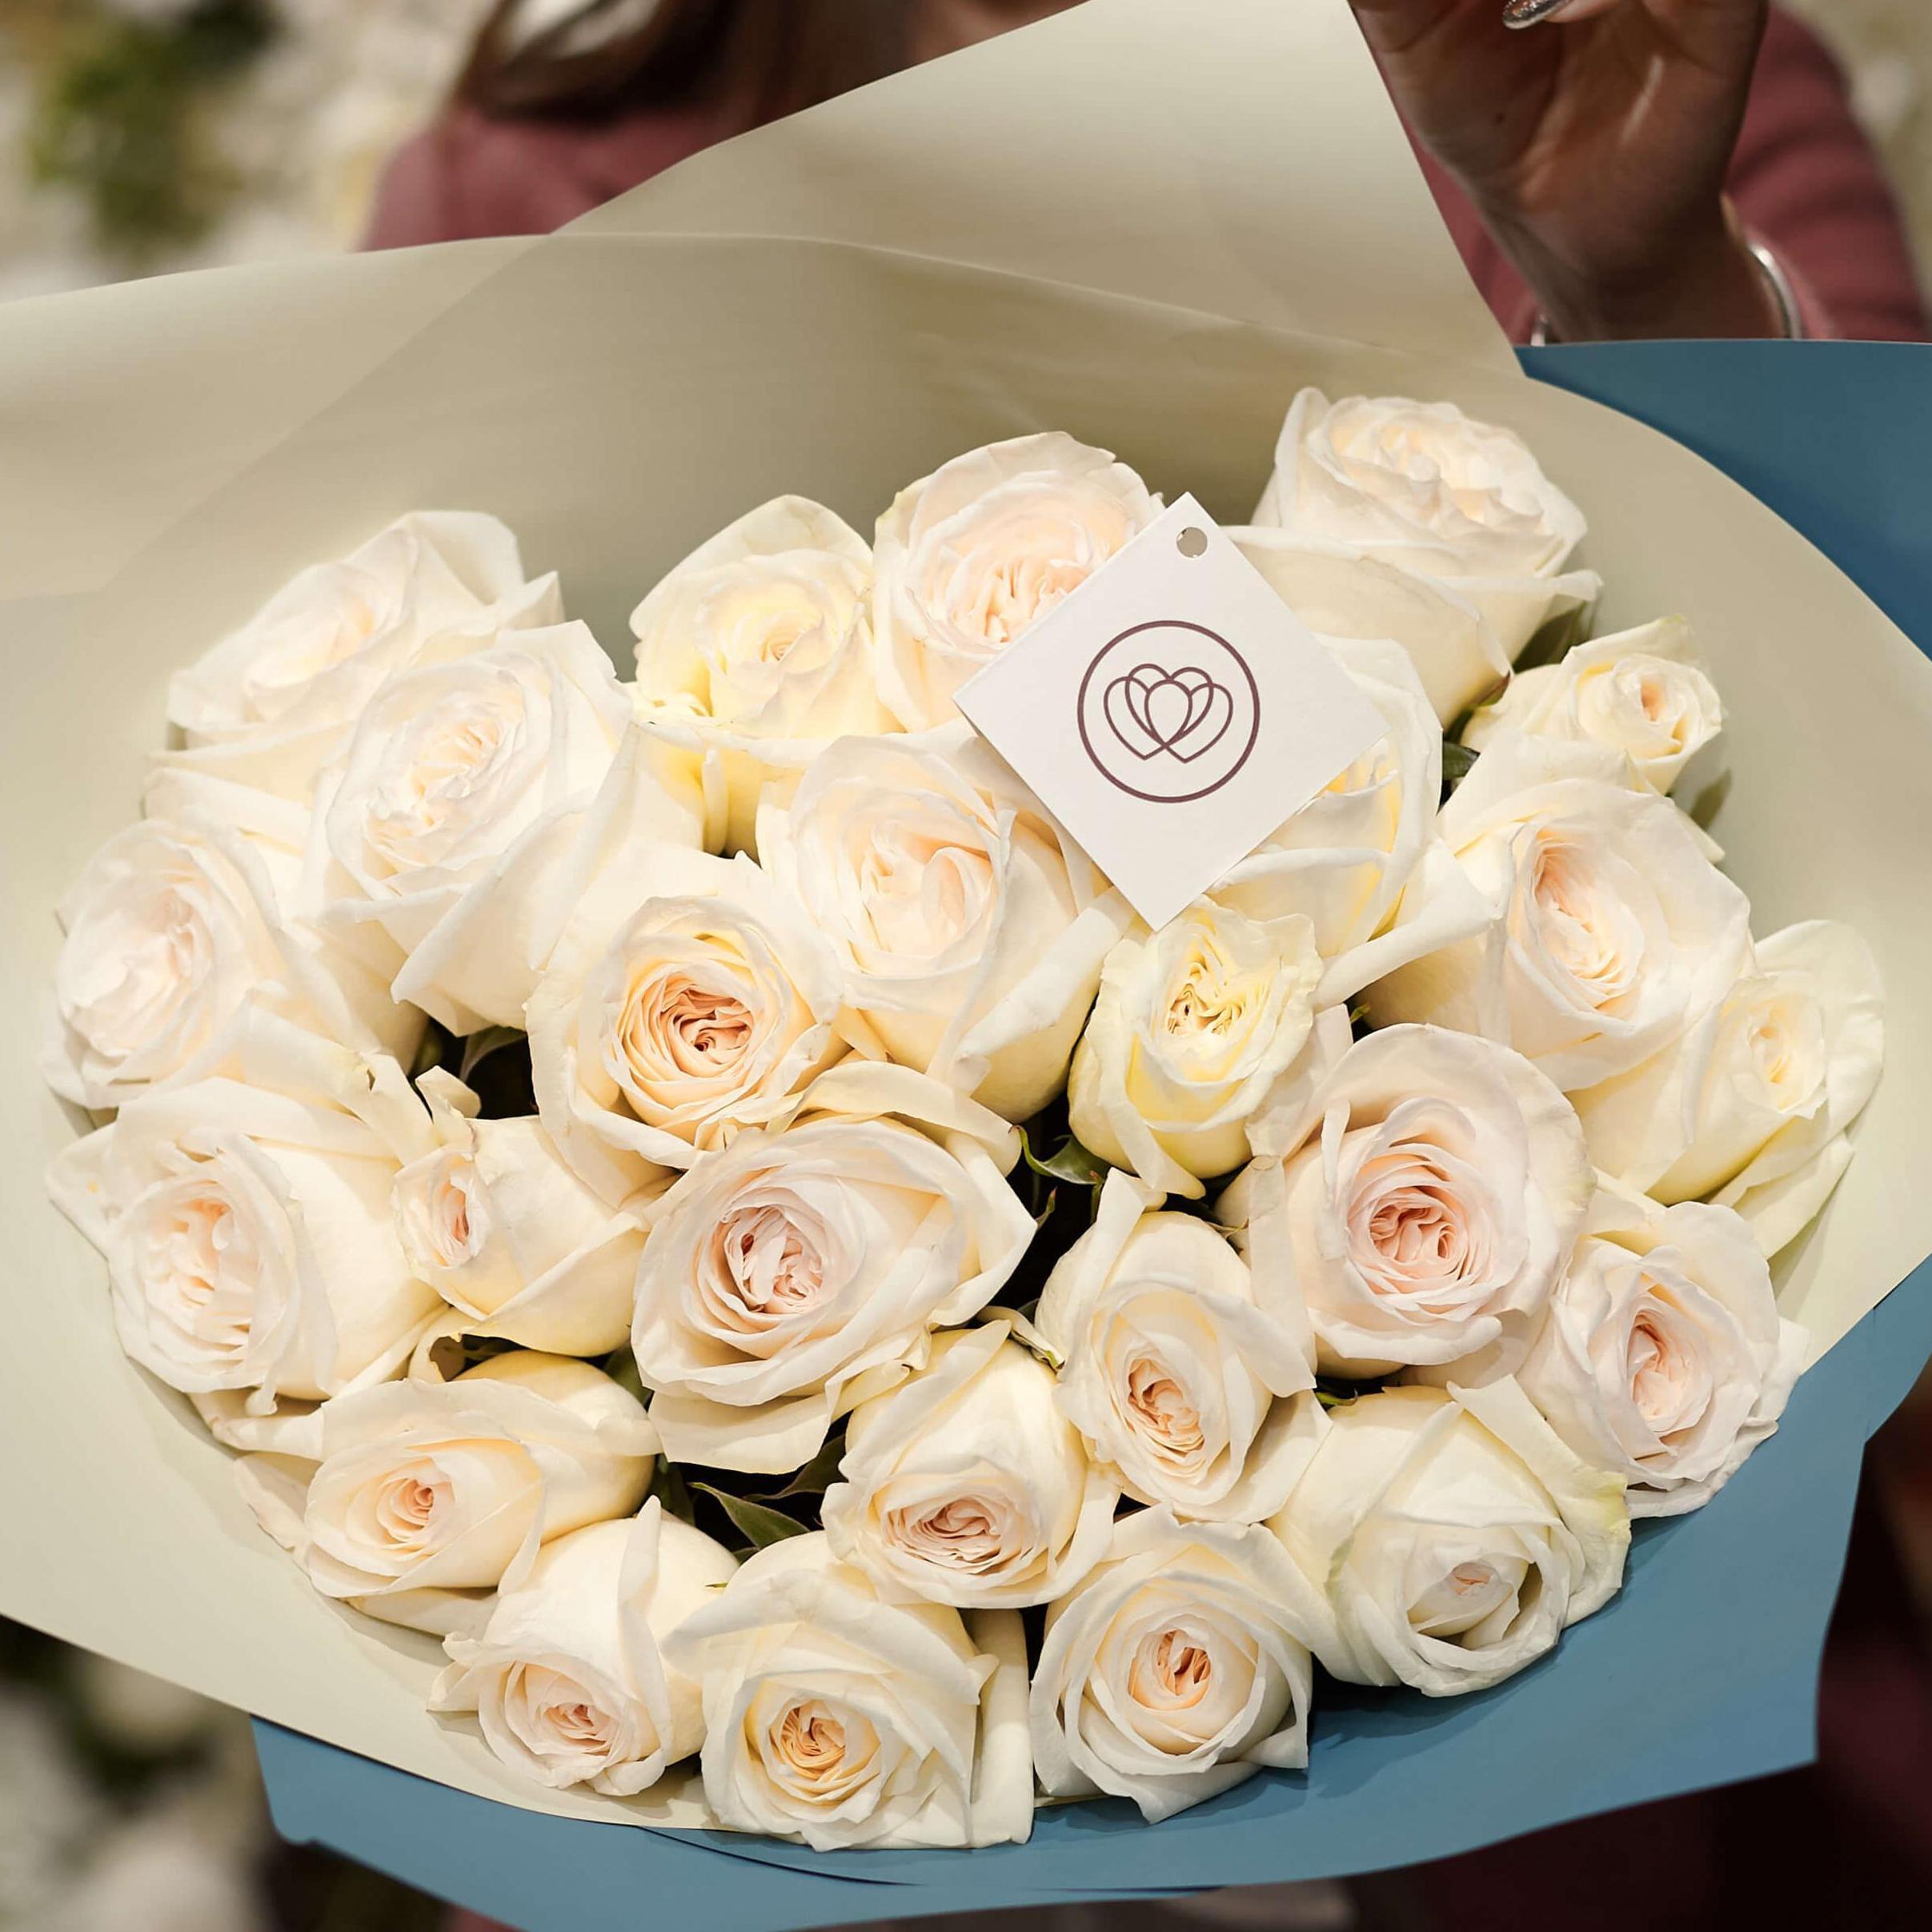 25 пионовидных роз White O'Hara 40 см в дизайнерской упаковке фото